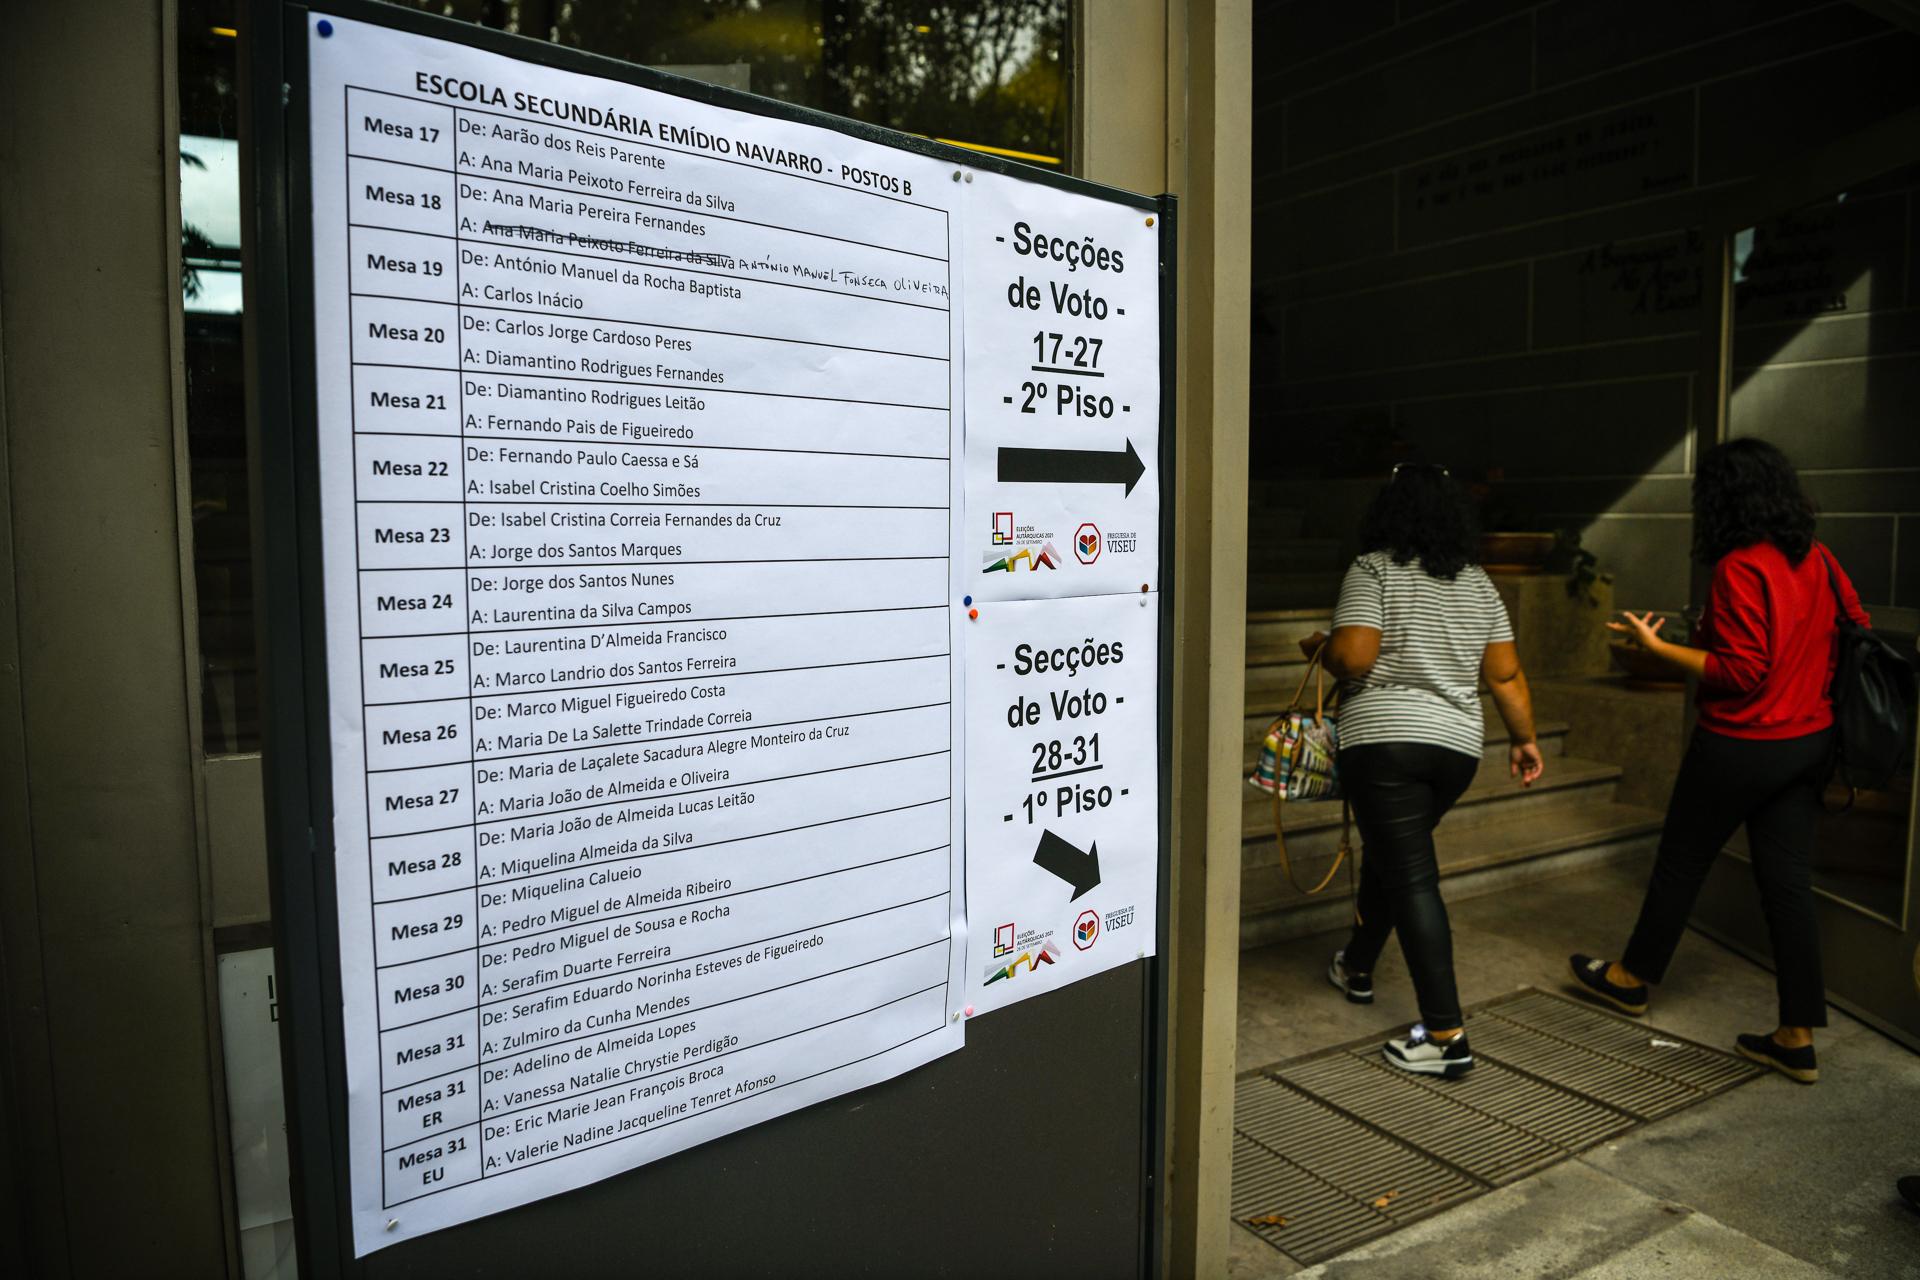 Eleições autárquicas 2021 Genéricas na emidio Navarro